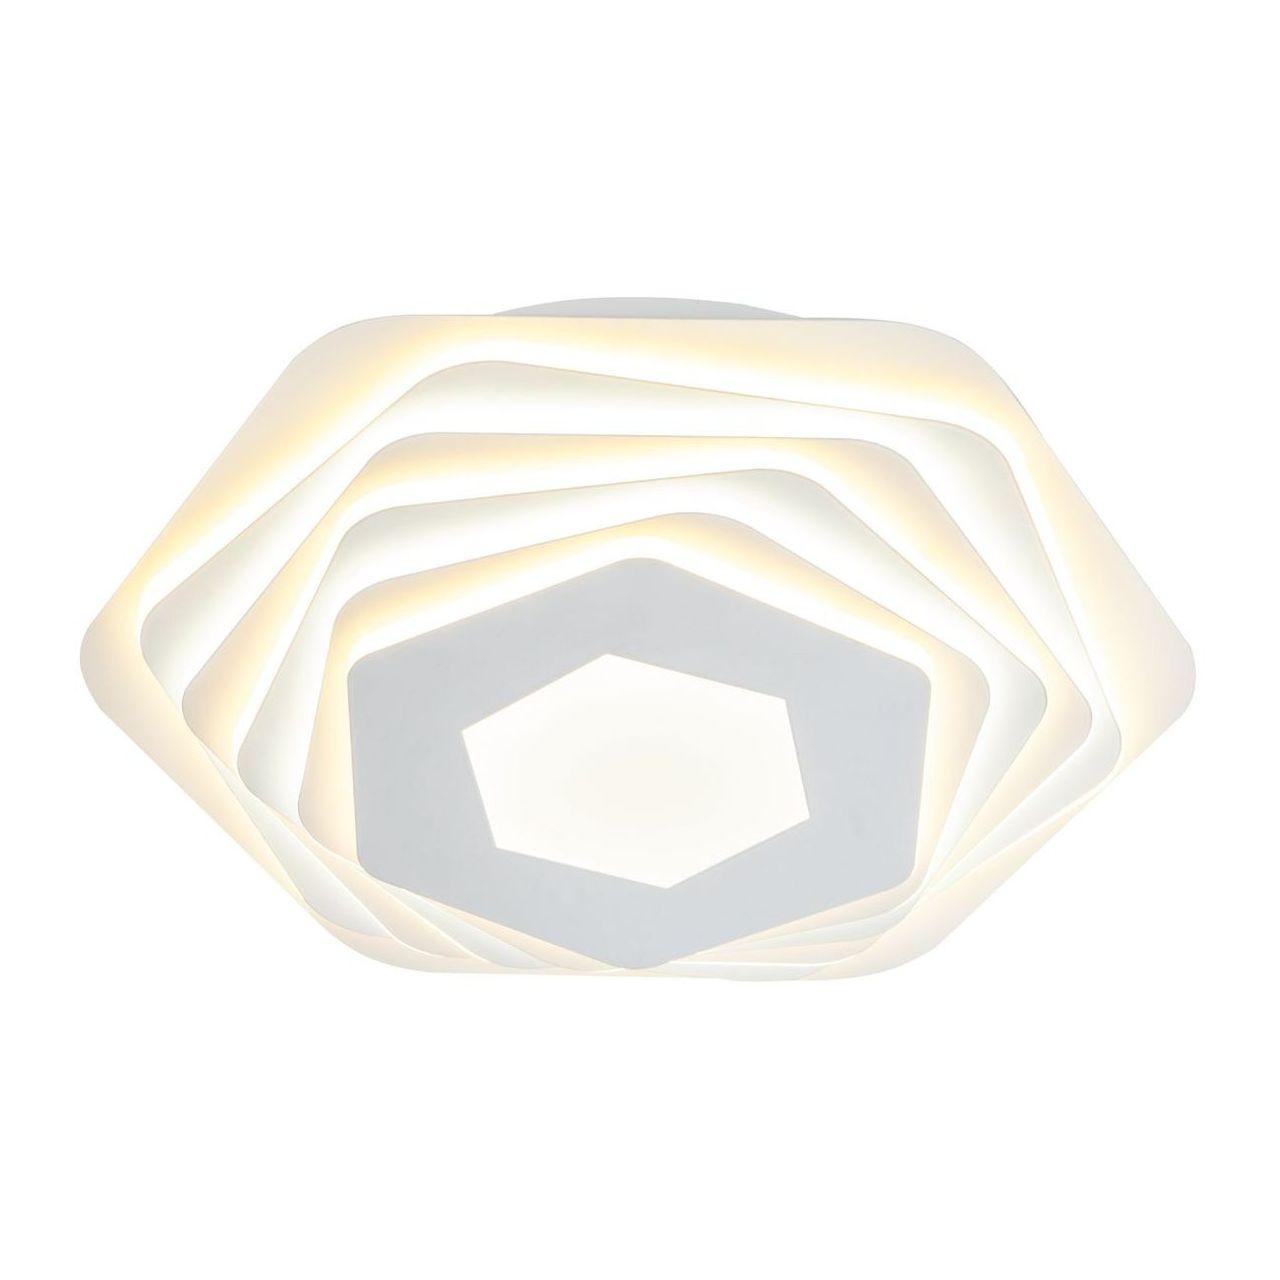 Потолочный светодиодный светильник Freya Severus FR6006CL-L54W фото